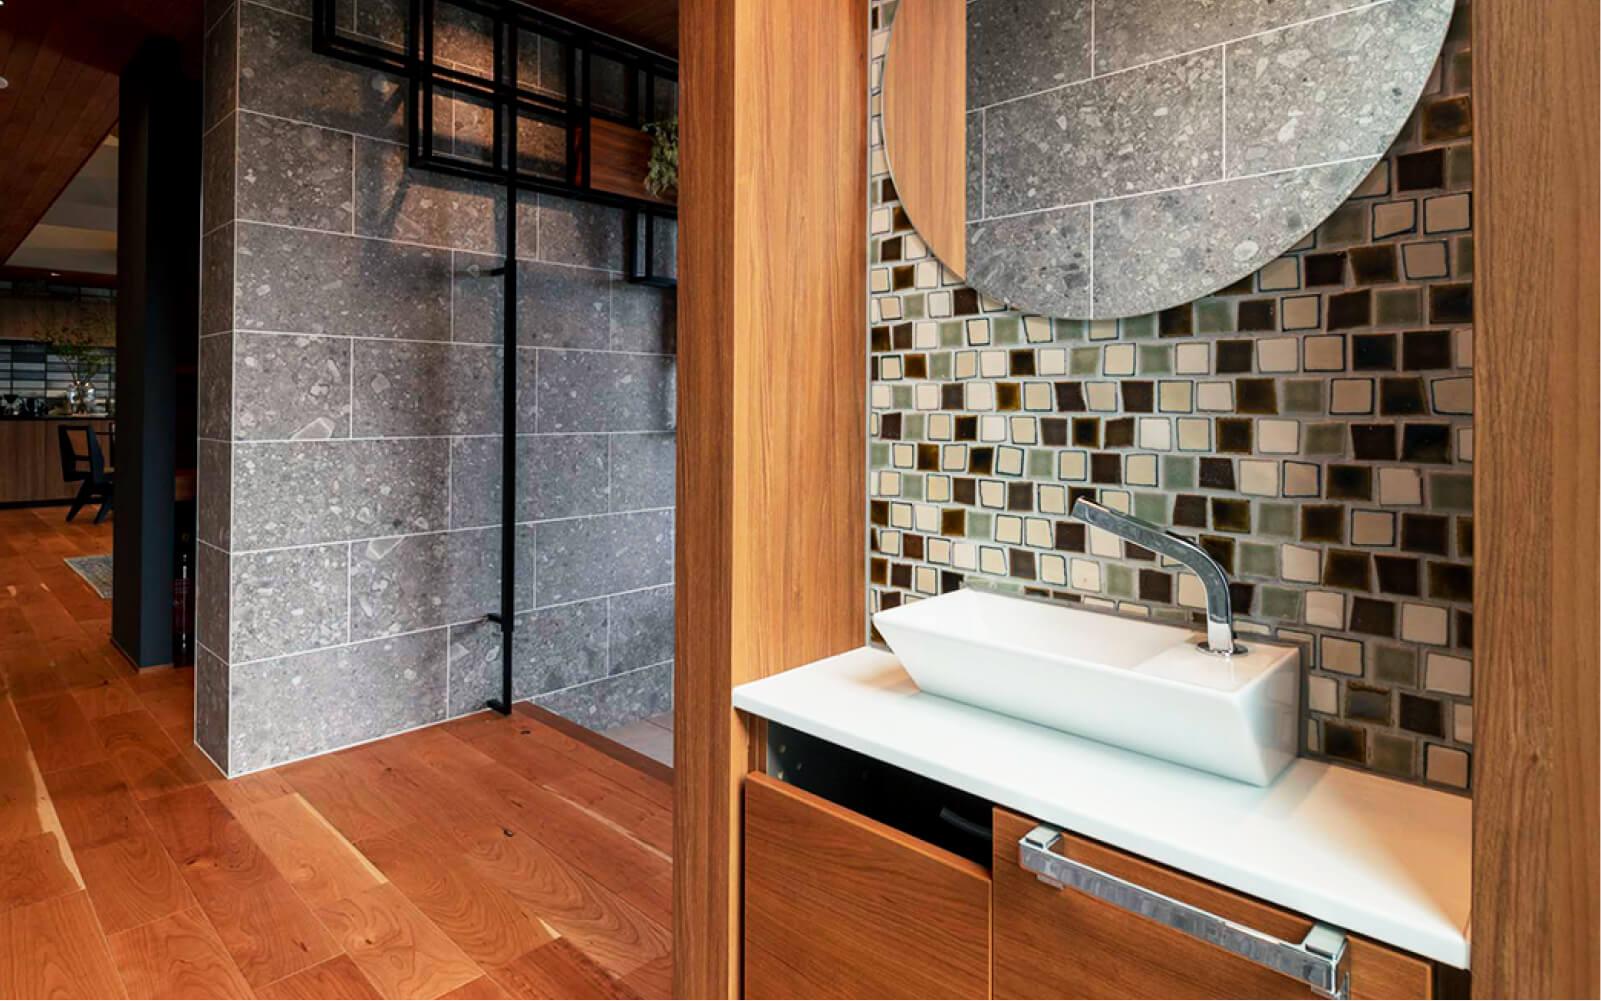 トヨタホームさんの平屋住宅「シンセ・スマートステージプラス(平屋)」の「ただいま手洗い」の写真